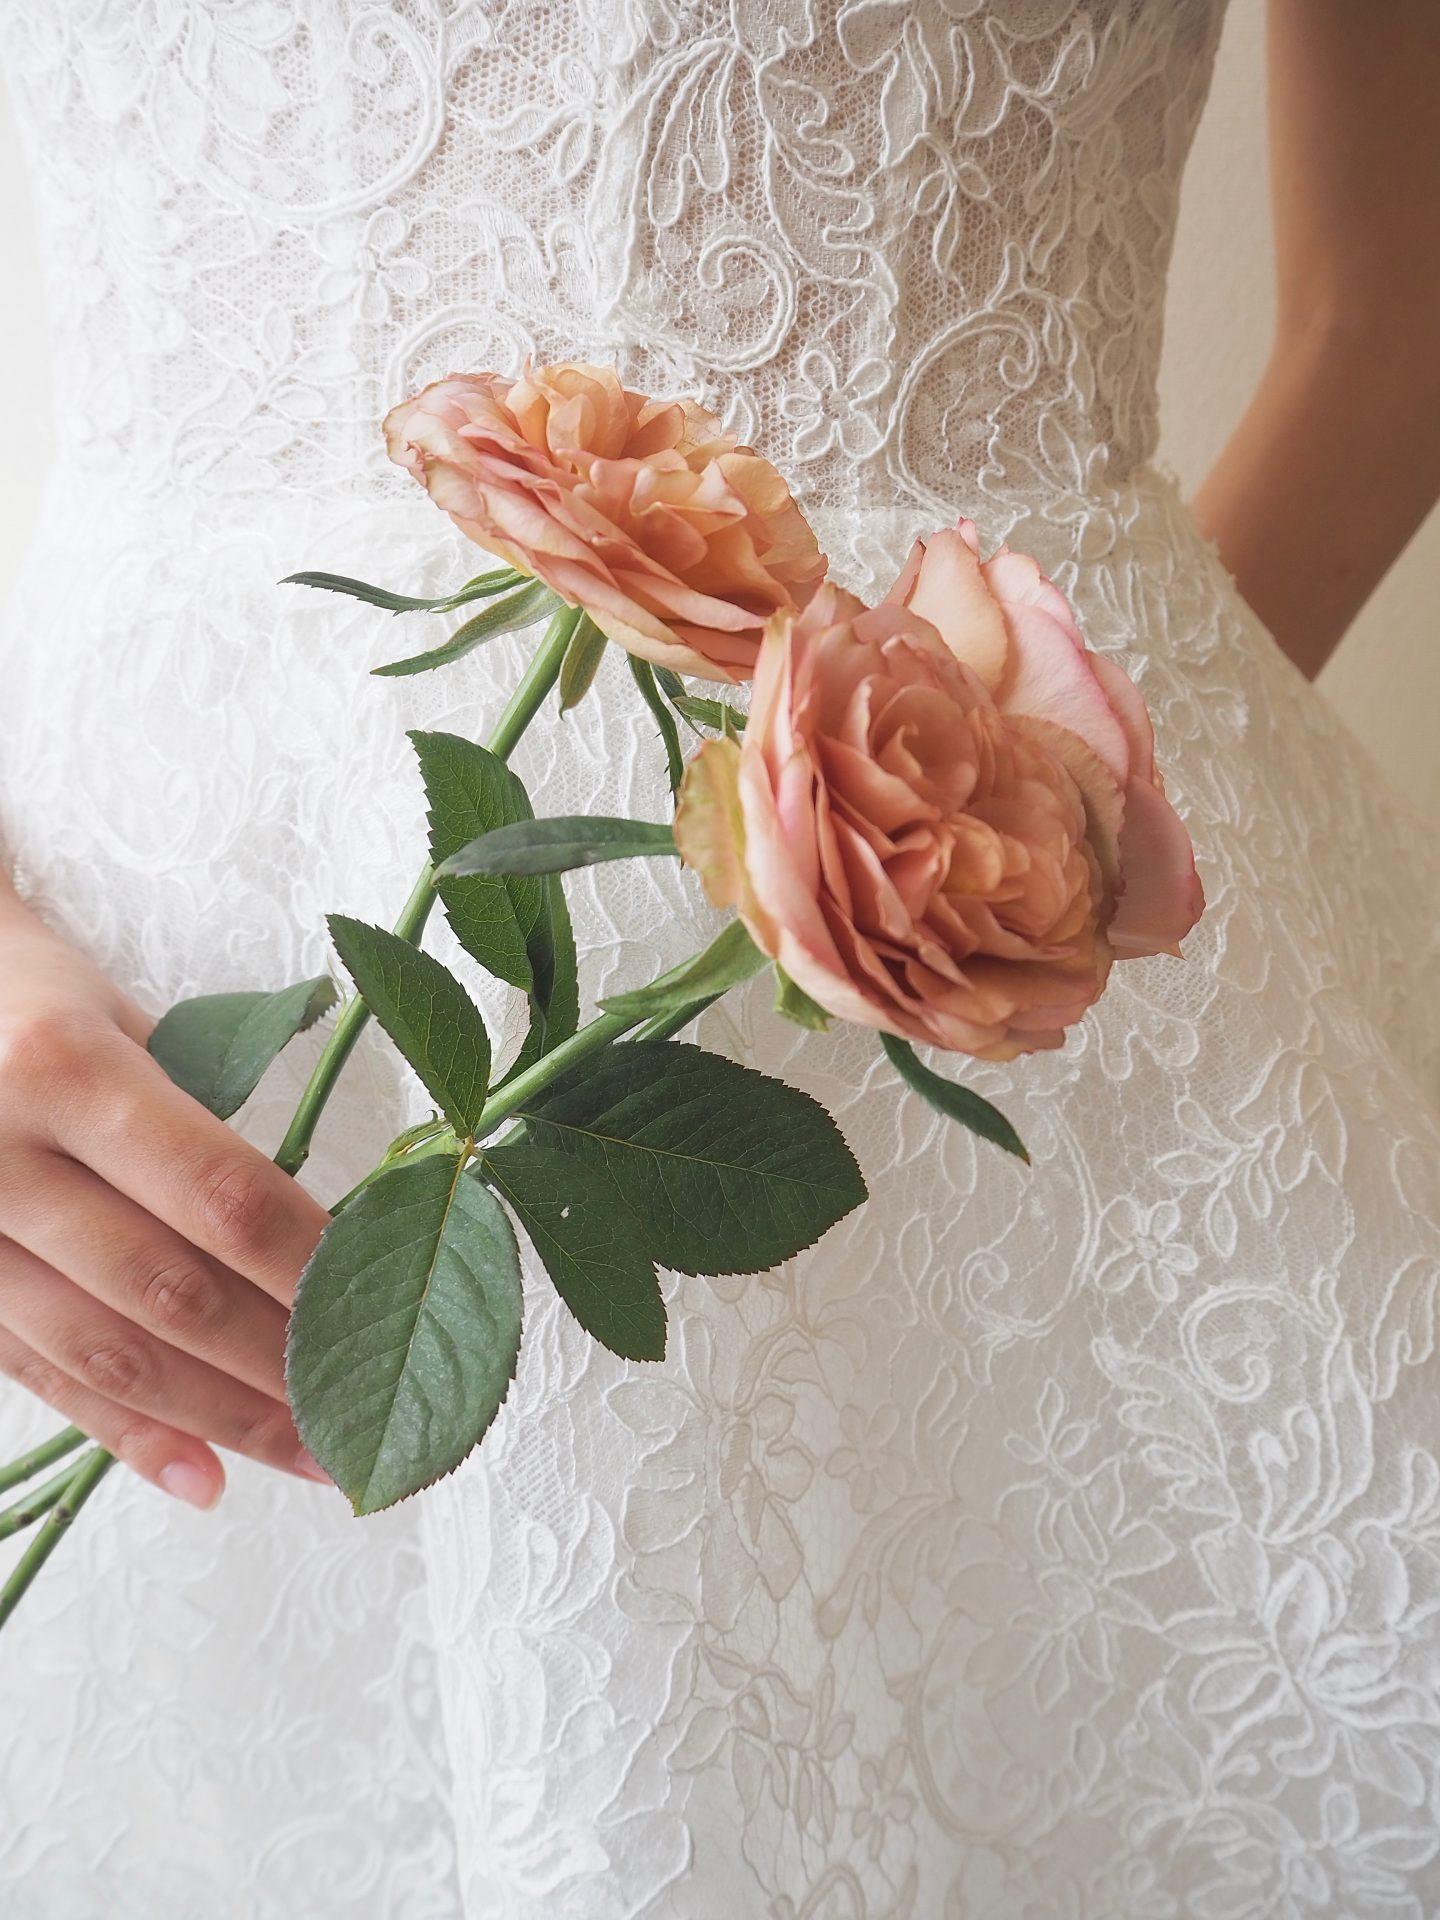 京都にて結婚式をお考えのプレ花嫁様にご提案したい絵画のような美しい刺繍が魅力的で新婦様の透明感をより引き立てるAラインのウェディングドレス